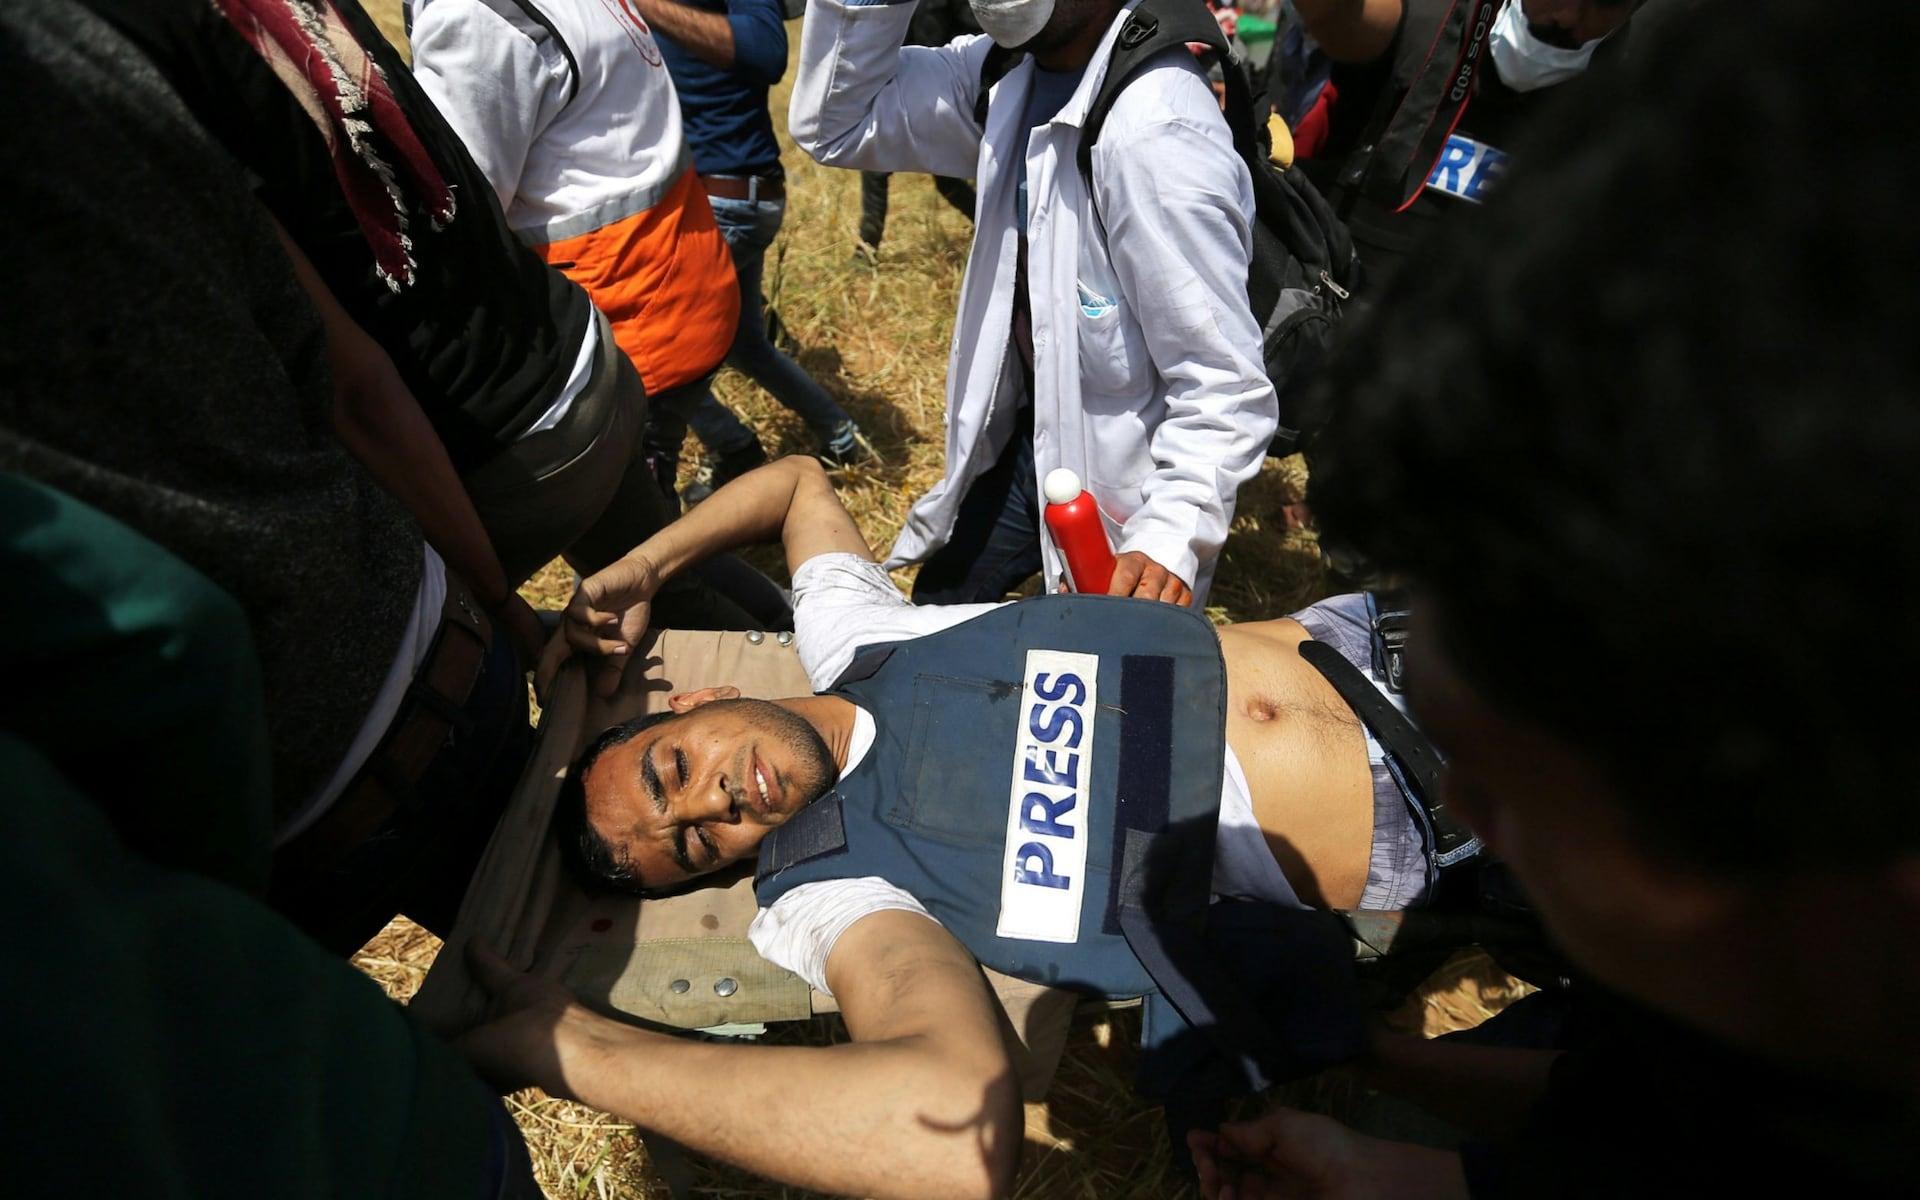 Grande Marcia del Ritorno a Gaza: 35 Palestinesi uccisi e 4279 feriti dalle forze israeliane